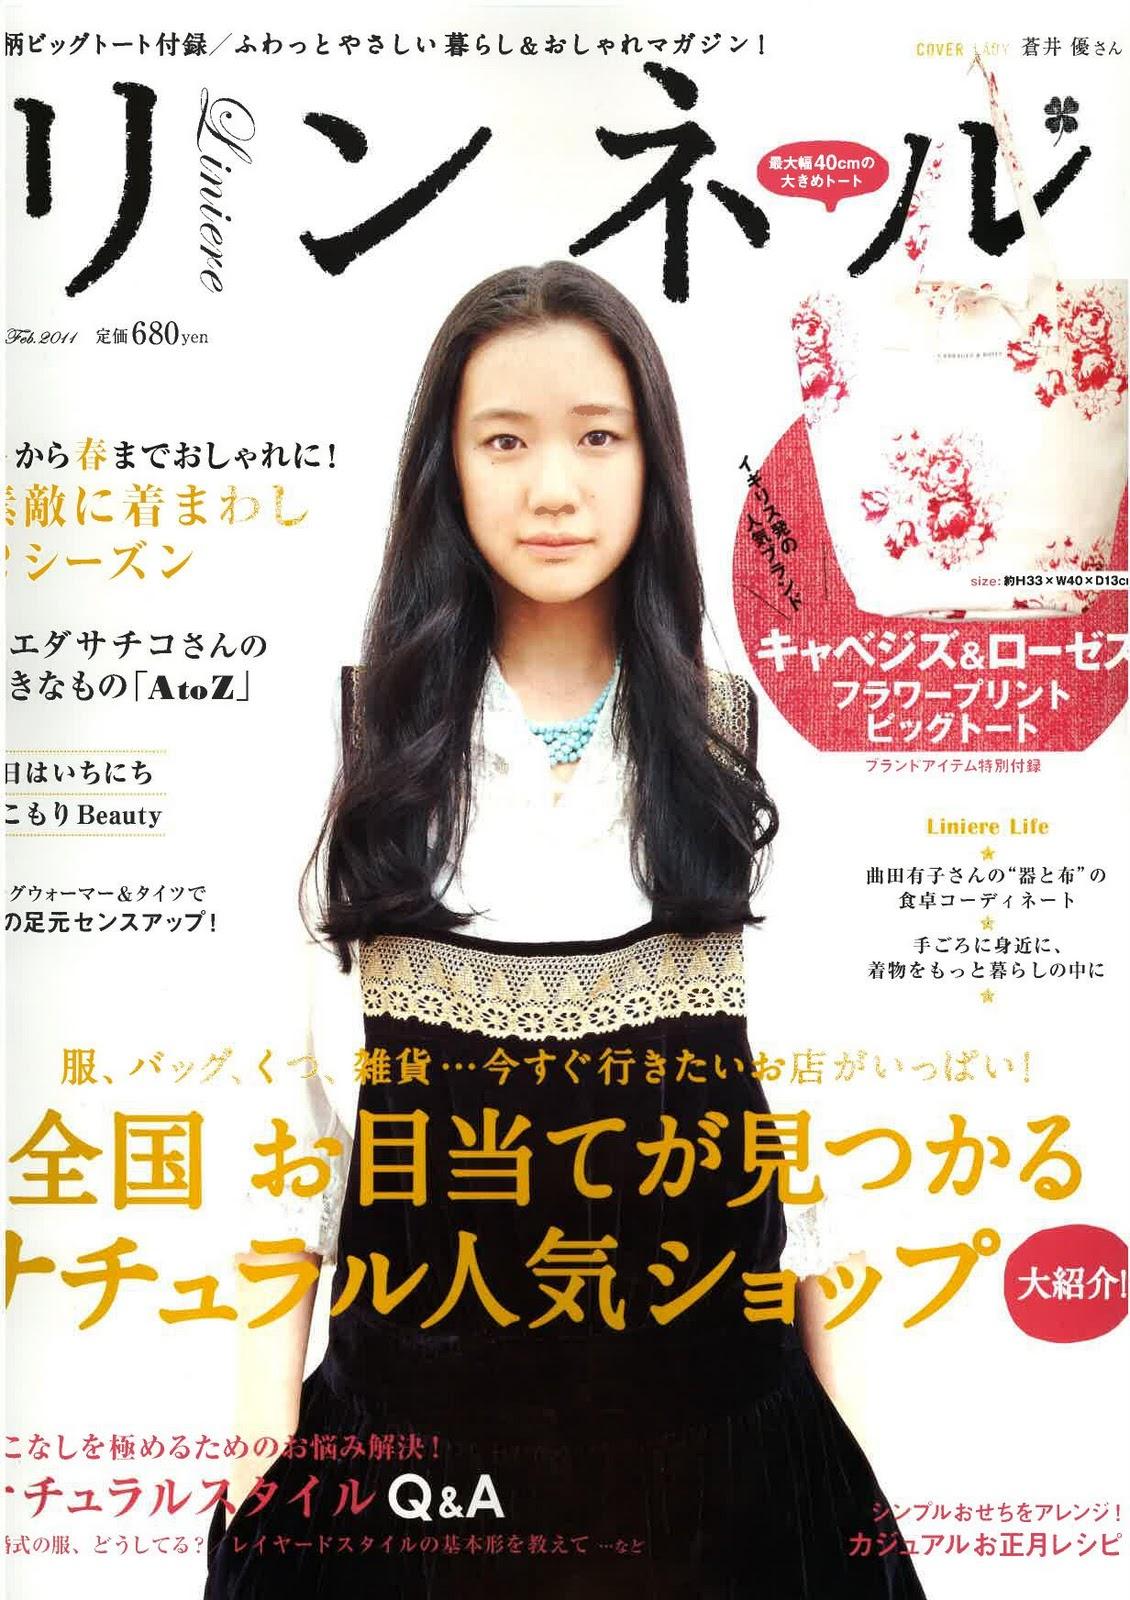 40代、アラフォー女性にオススメのファッション雑誌!これを読んでおけば安心な1冊た\u2026